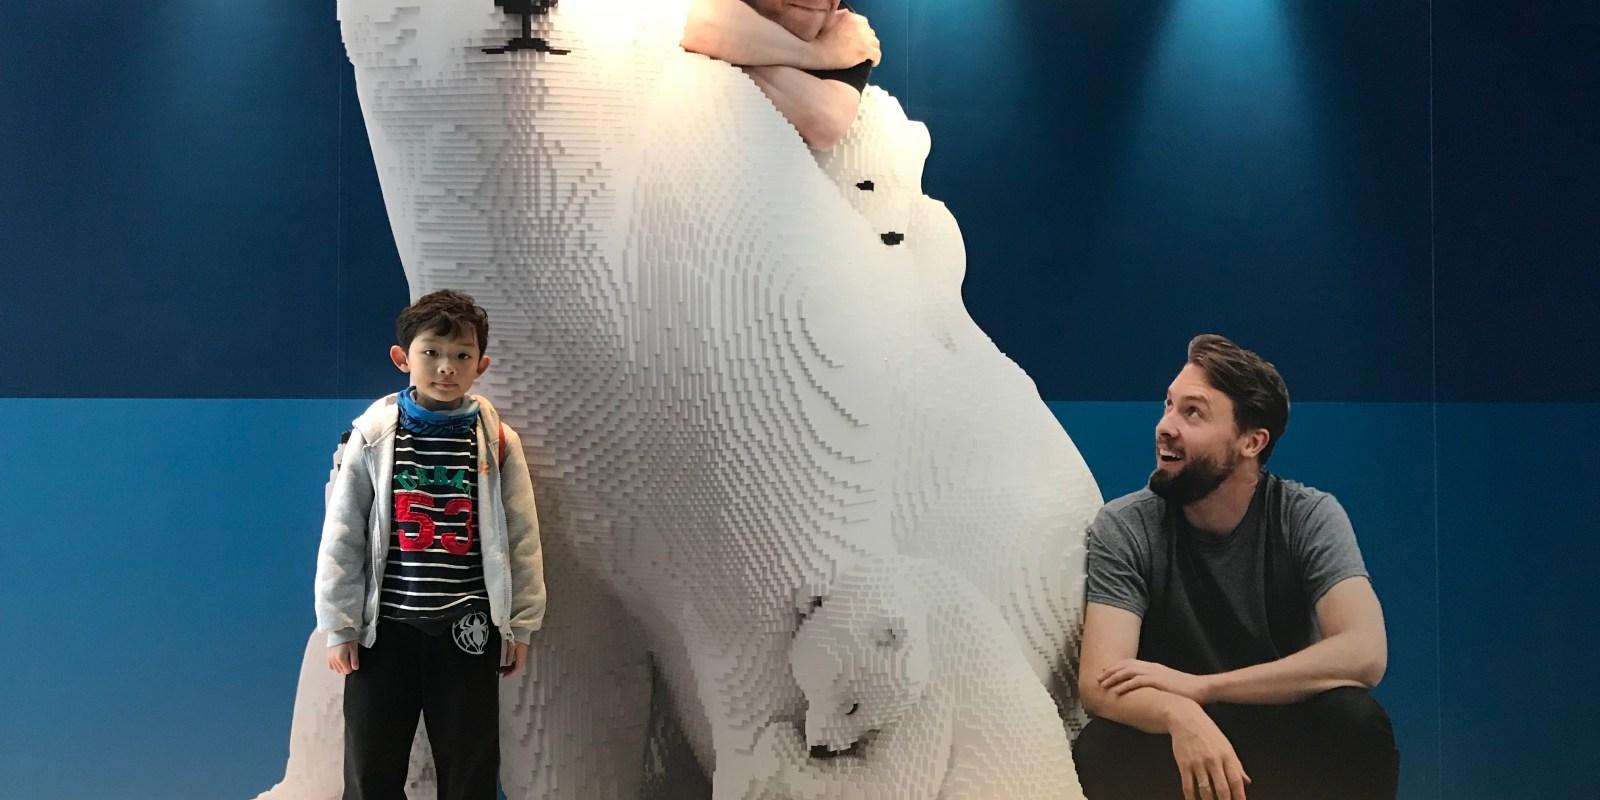 超越人類的美感極限   Sean Kenney's 樂高大動物奇蹟 展覽必看重點